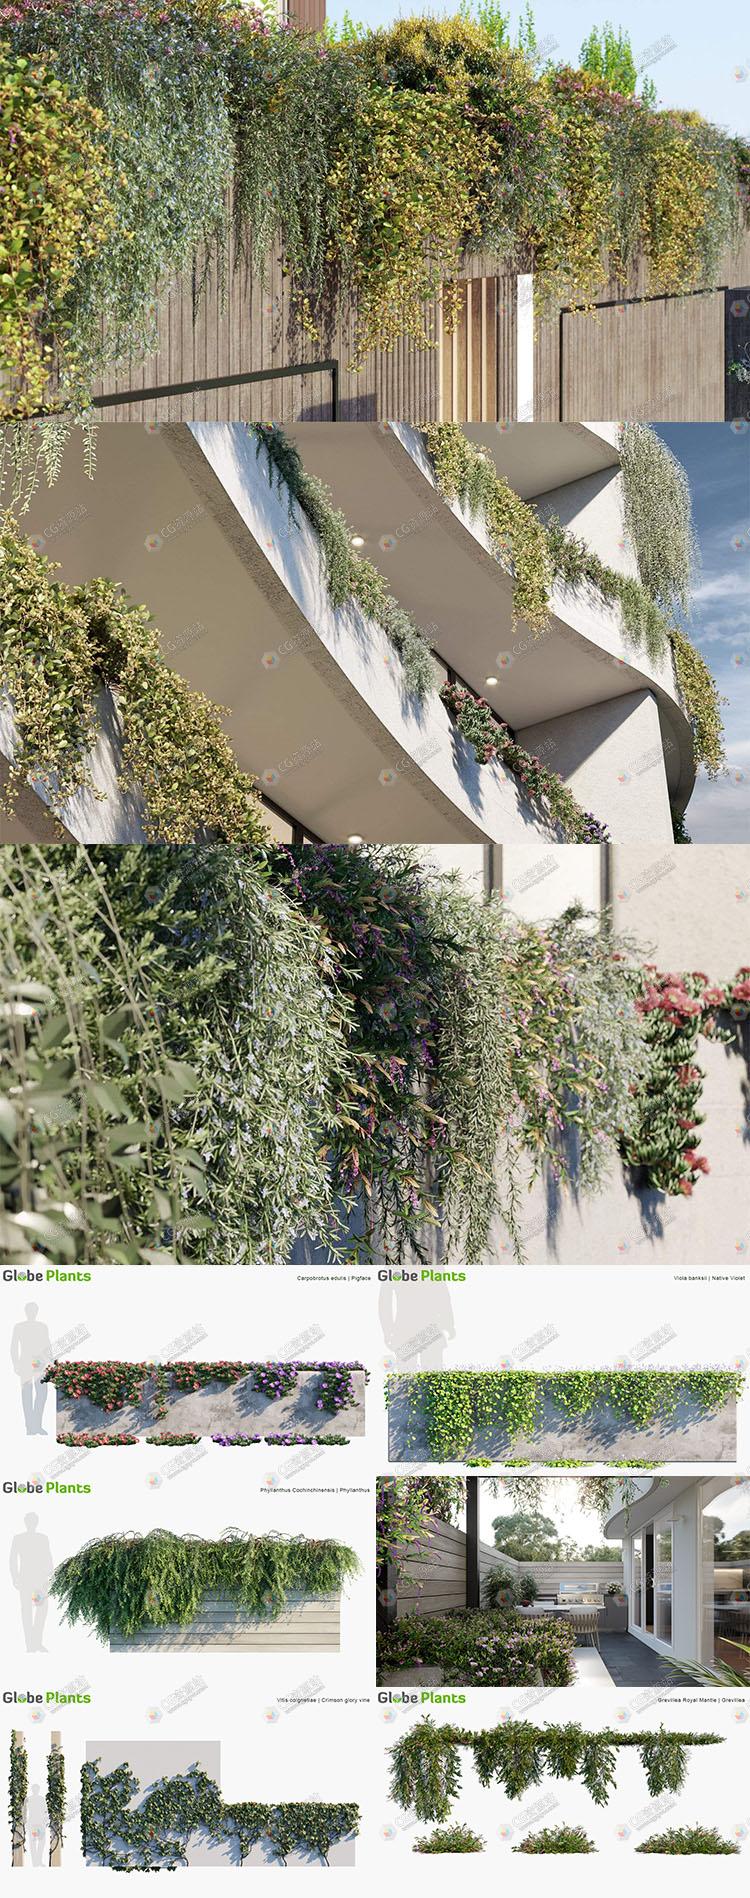 75组葡萄藤爬山虎植物3D模型合集